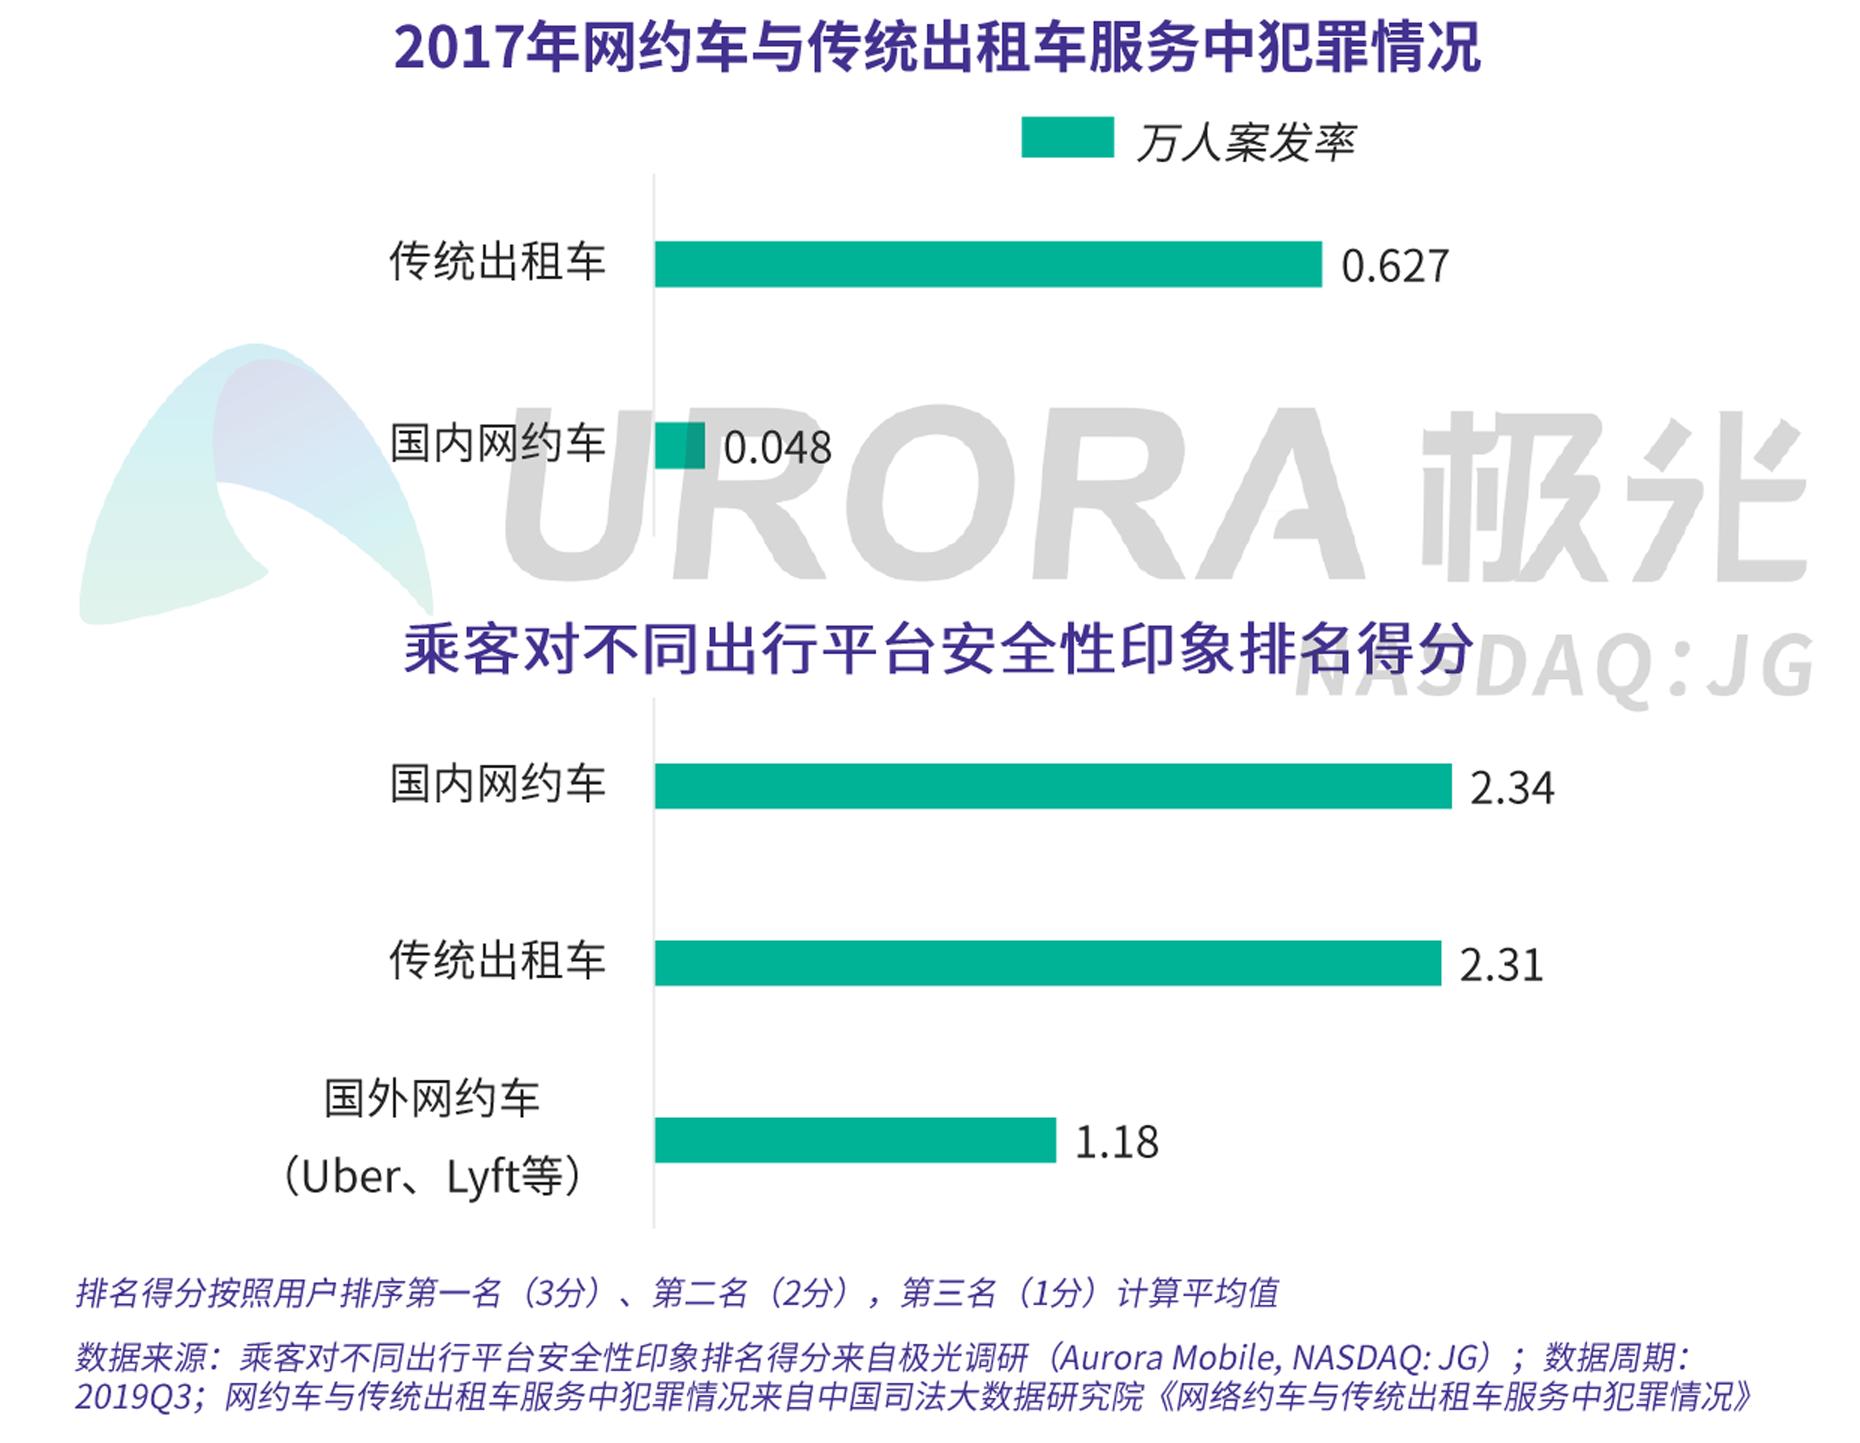 JIGUANG-网约车出行安全用户信心研究-新版-V4-13.png